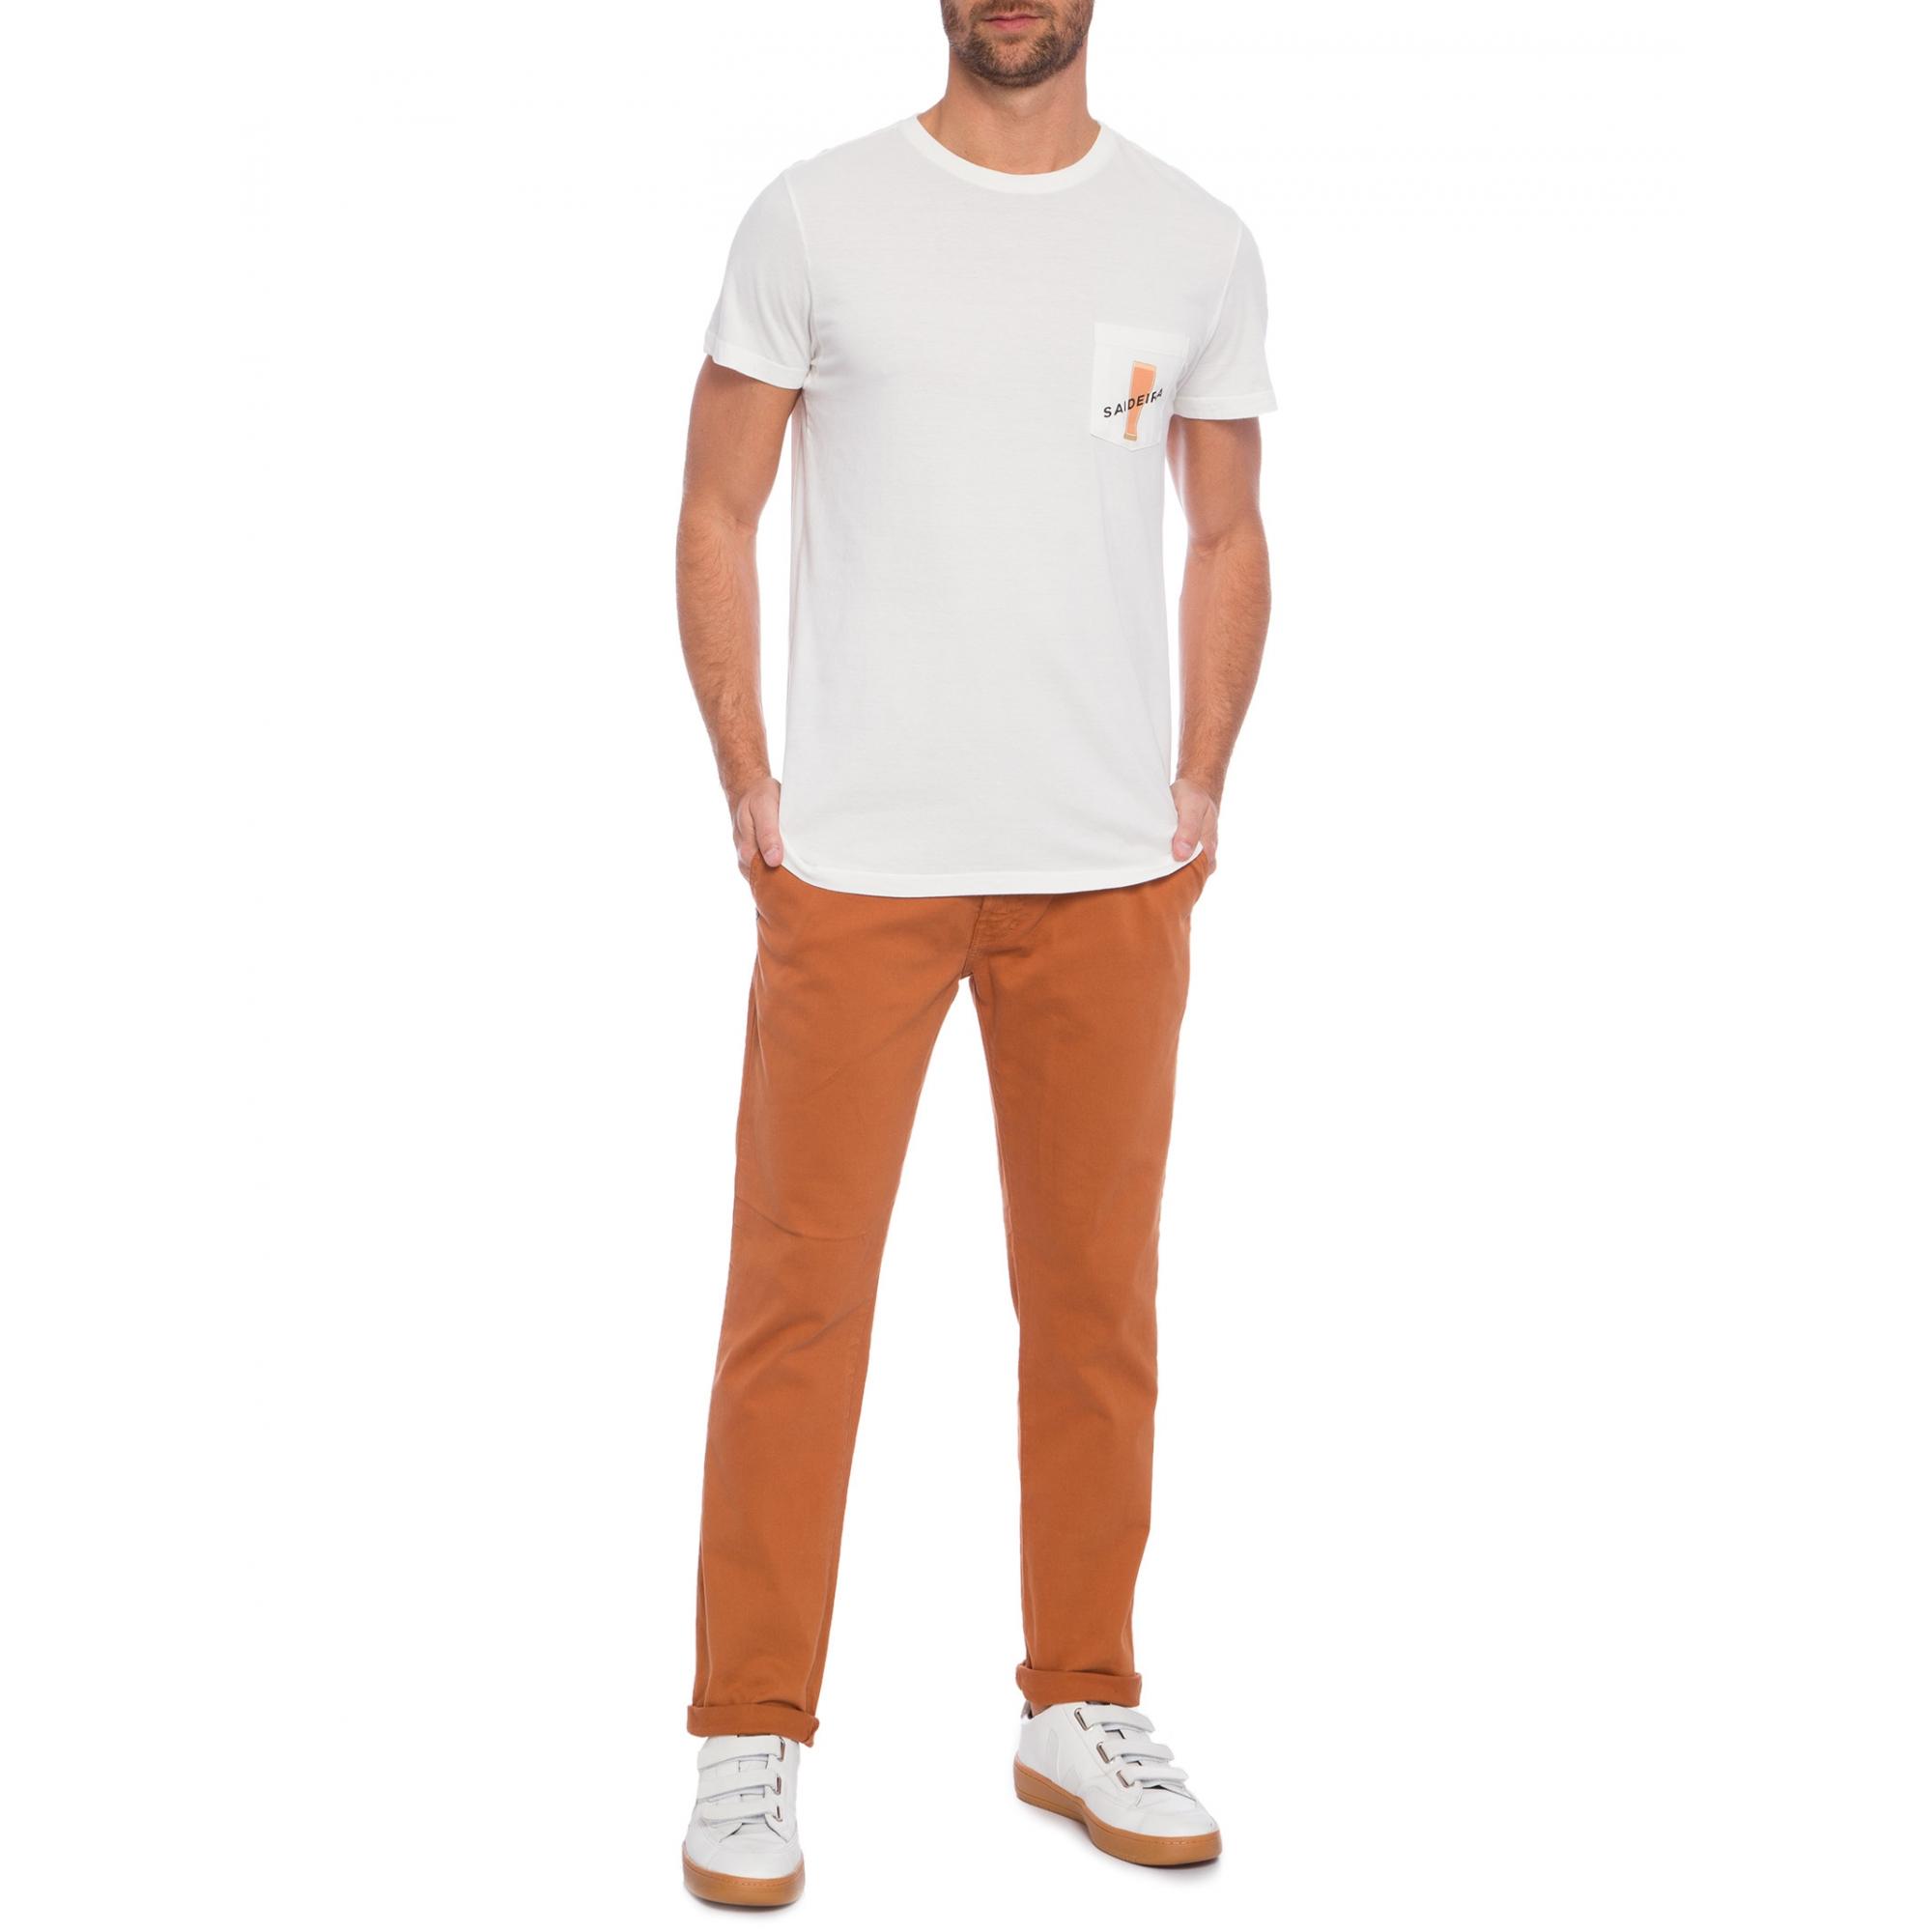 Camiseta Foxton Saideira - Off White